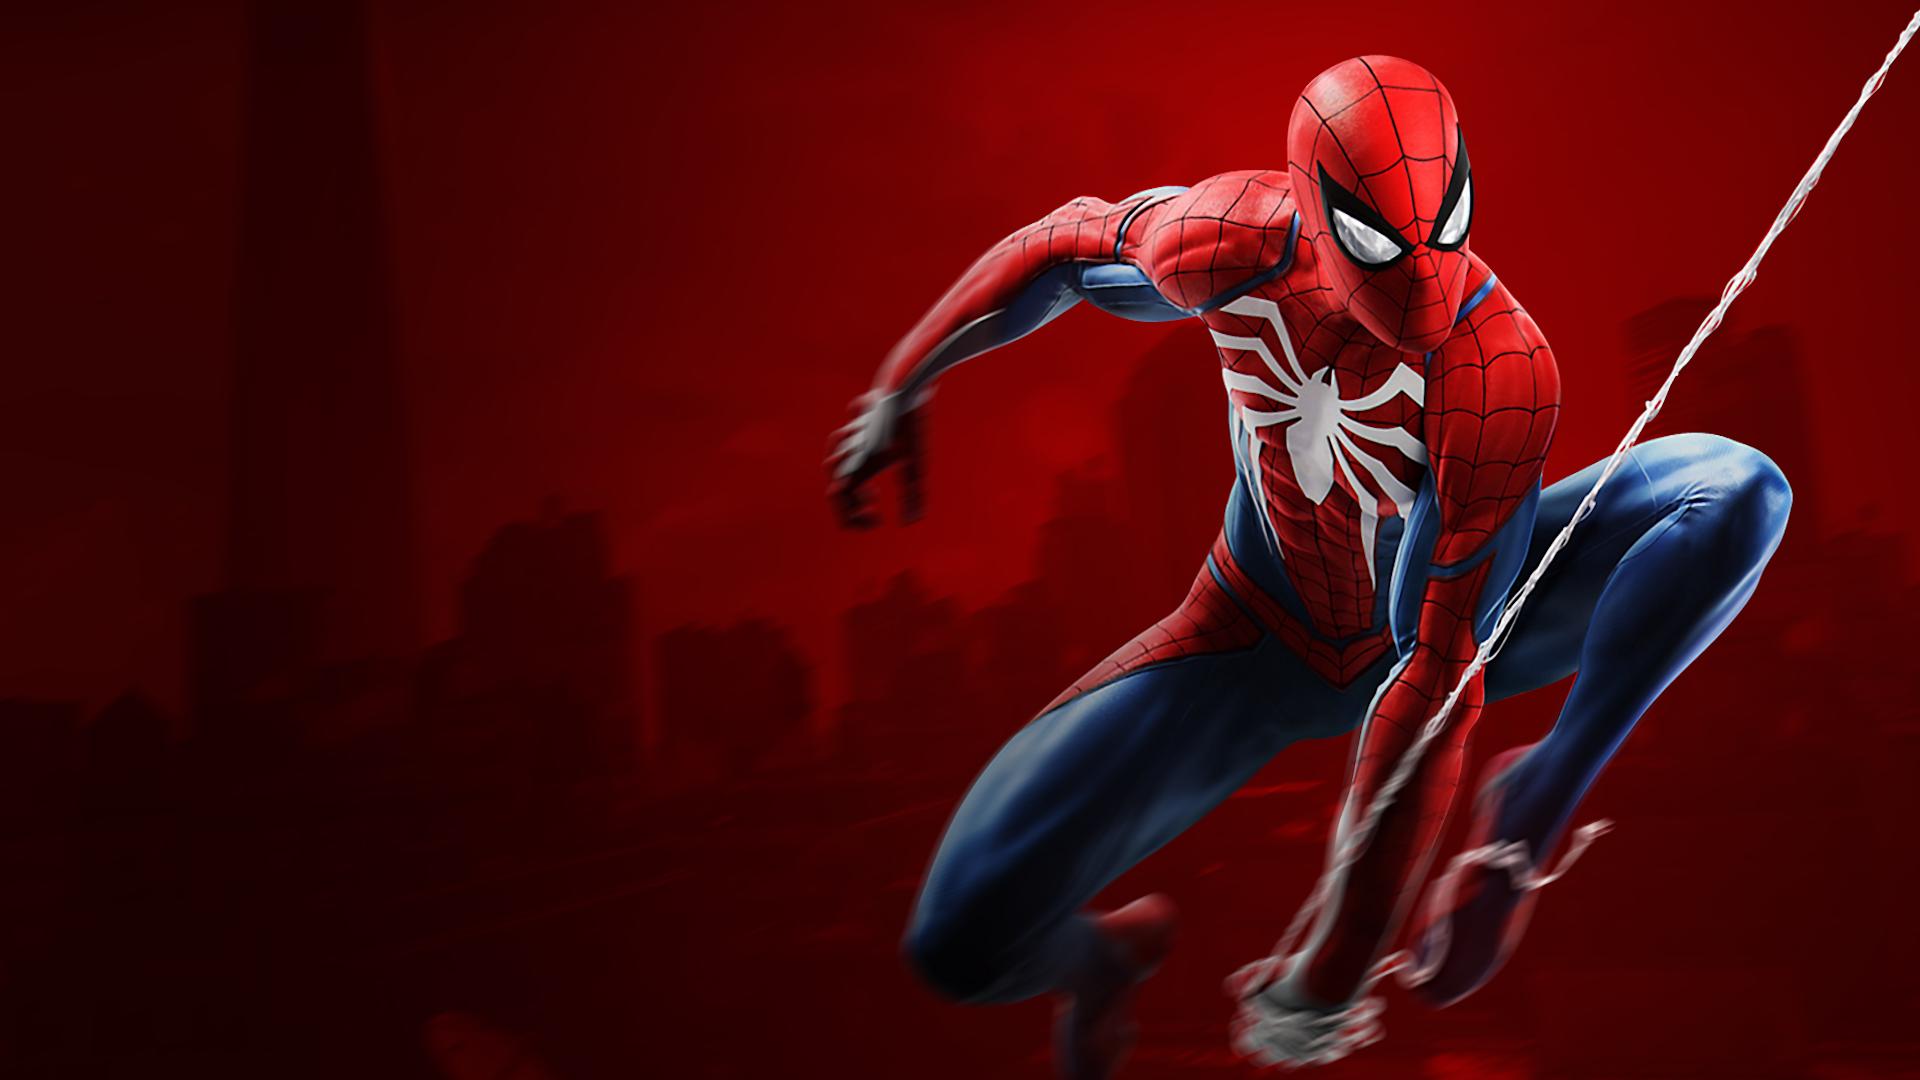 Cool Marvel Wallpaper - impremedia.net